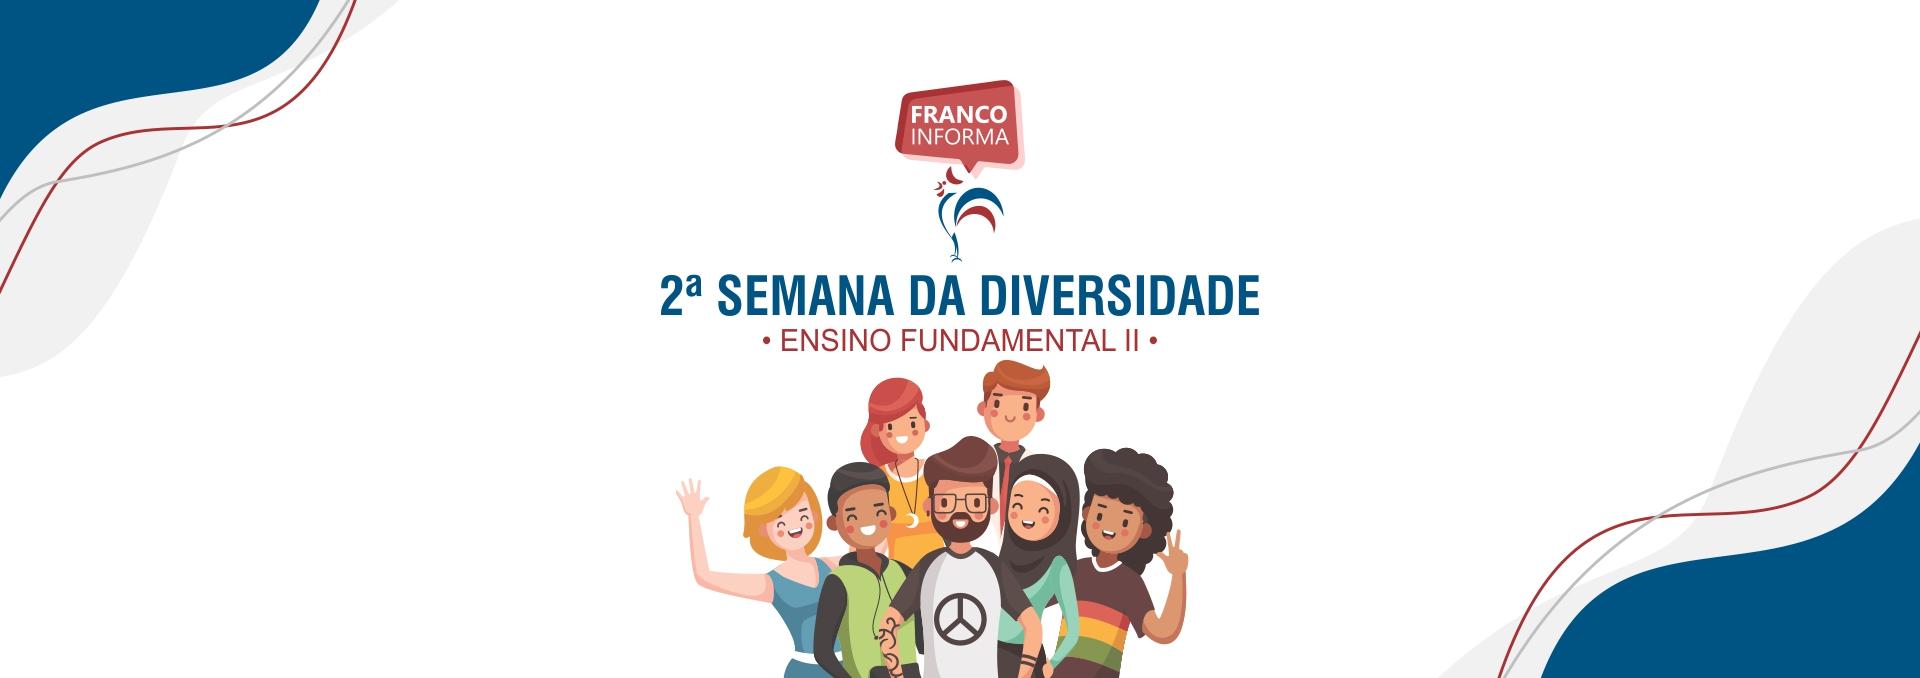 2ª Semana da Diversidade – EFII